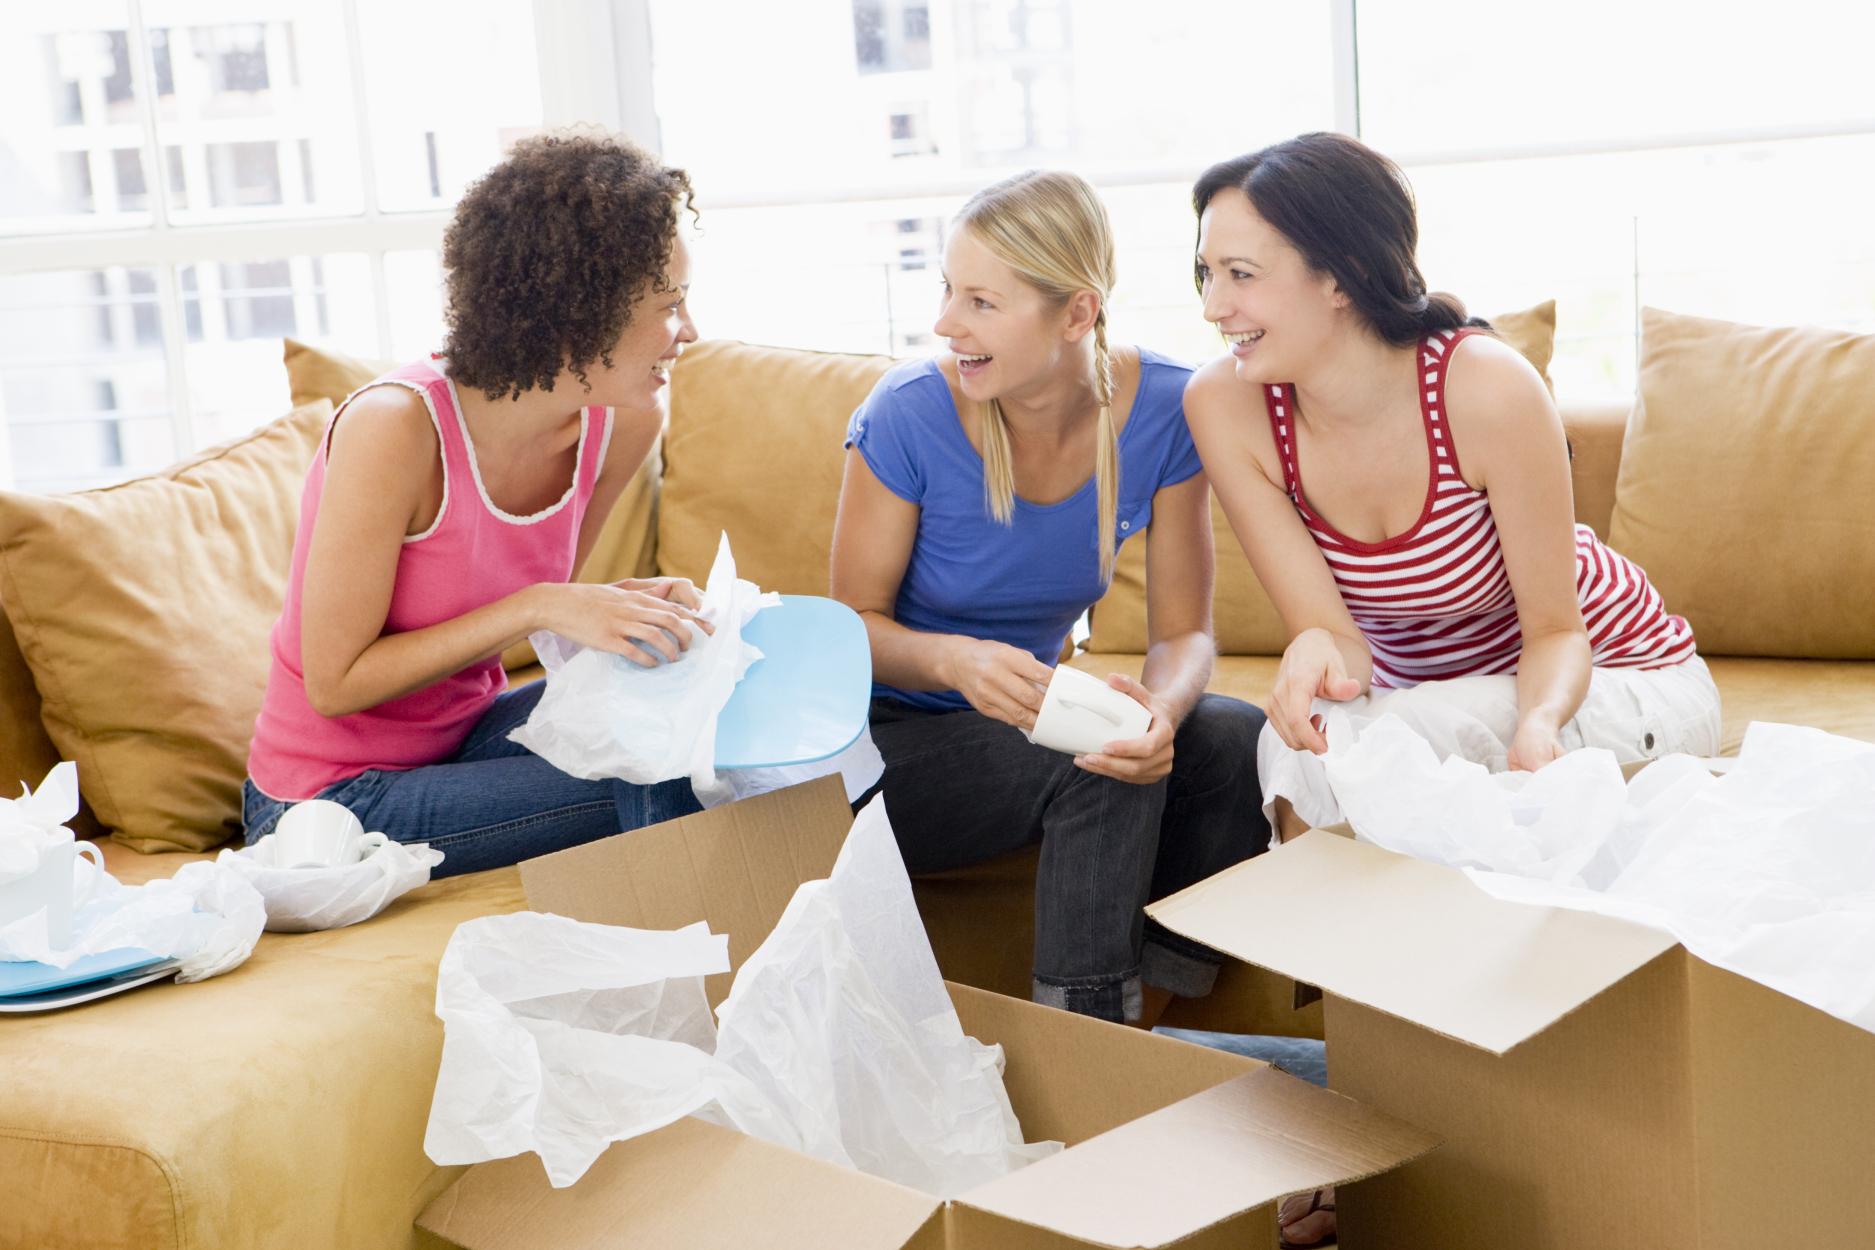 3 Frauen Packen Geschirr nach dem Umzug aus den Kartons